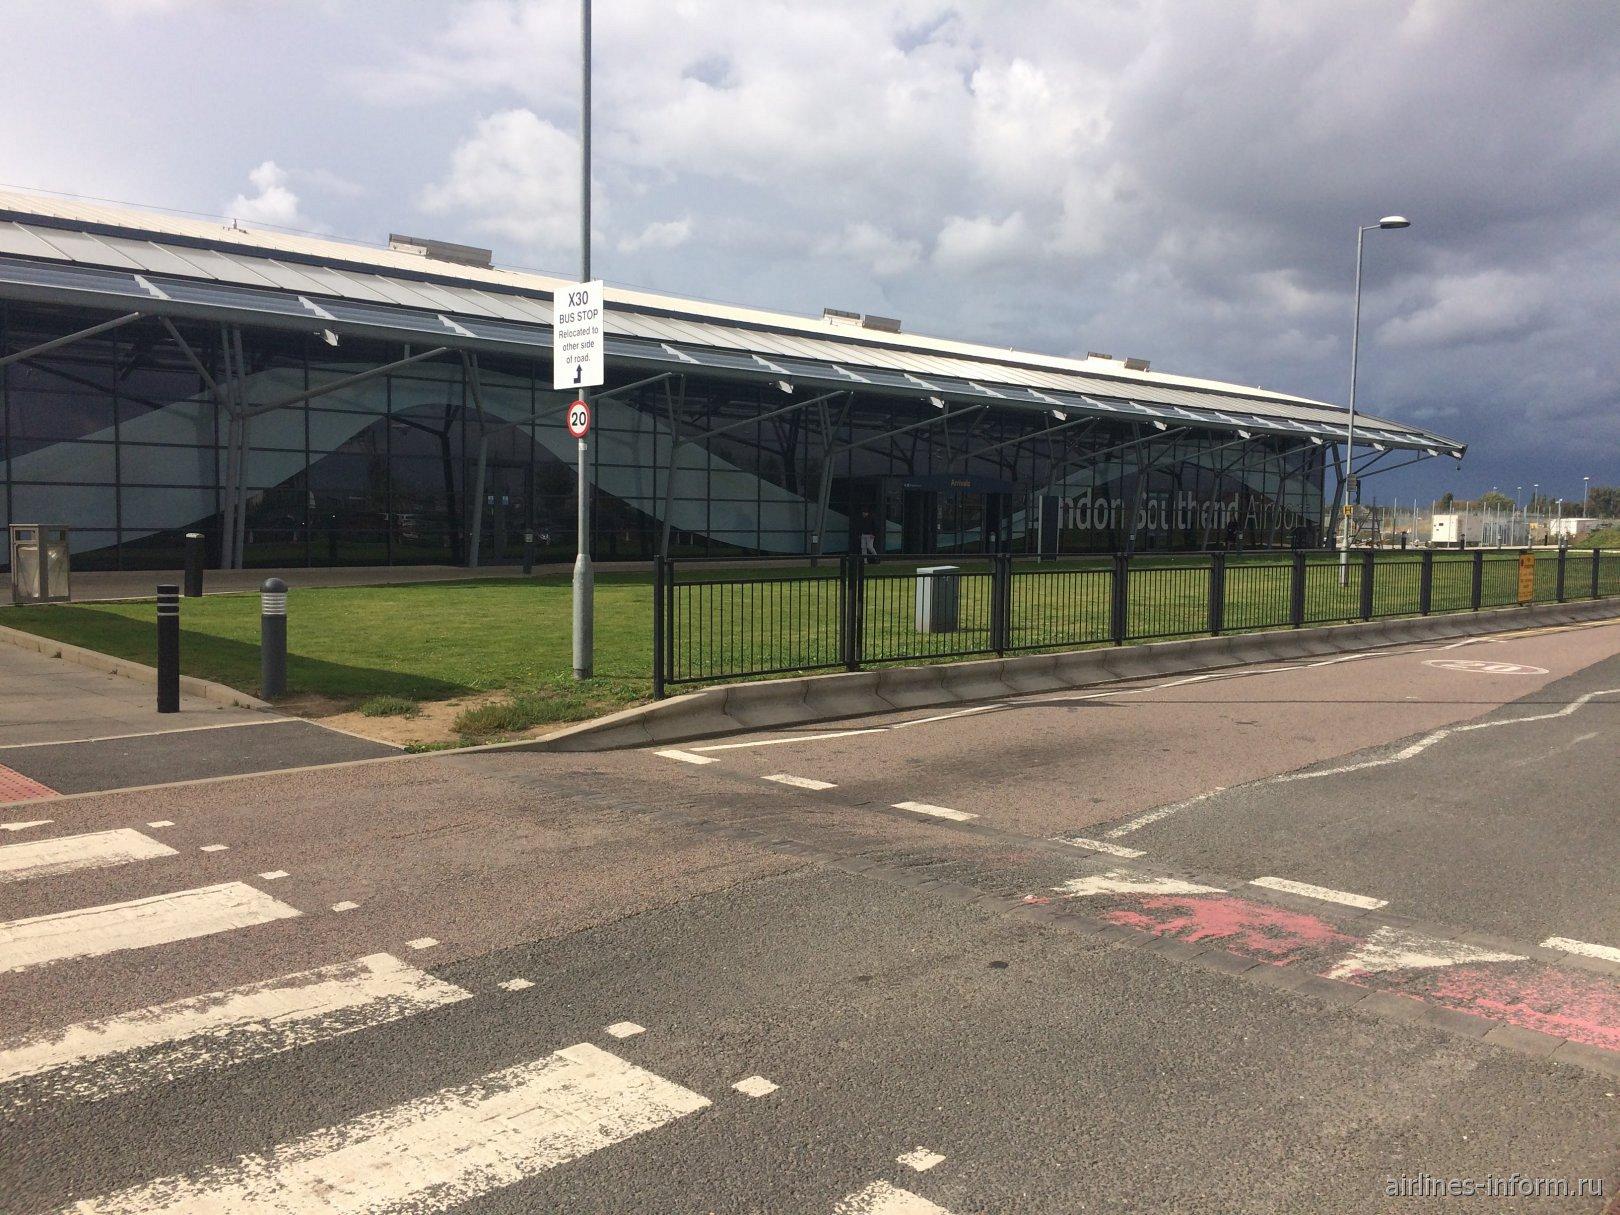 Пассажирский терминал аэропорта Лондон Саутенд